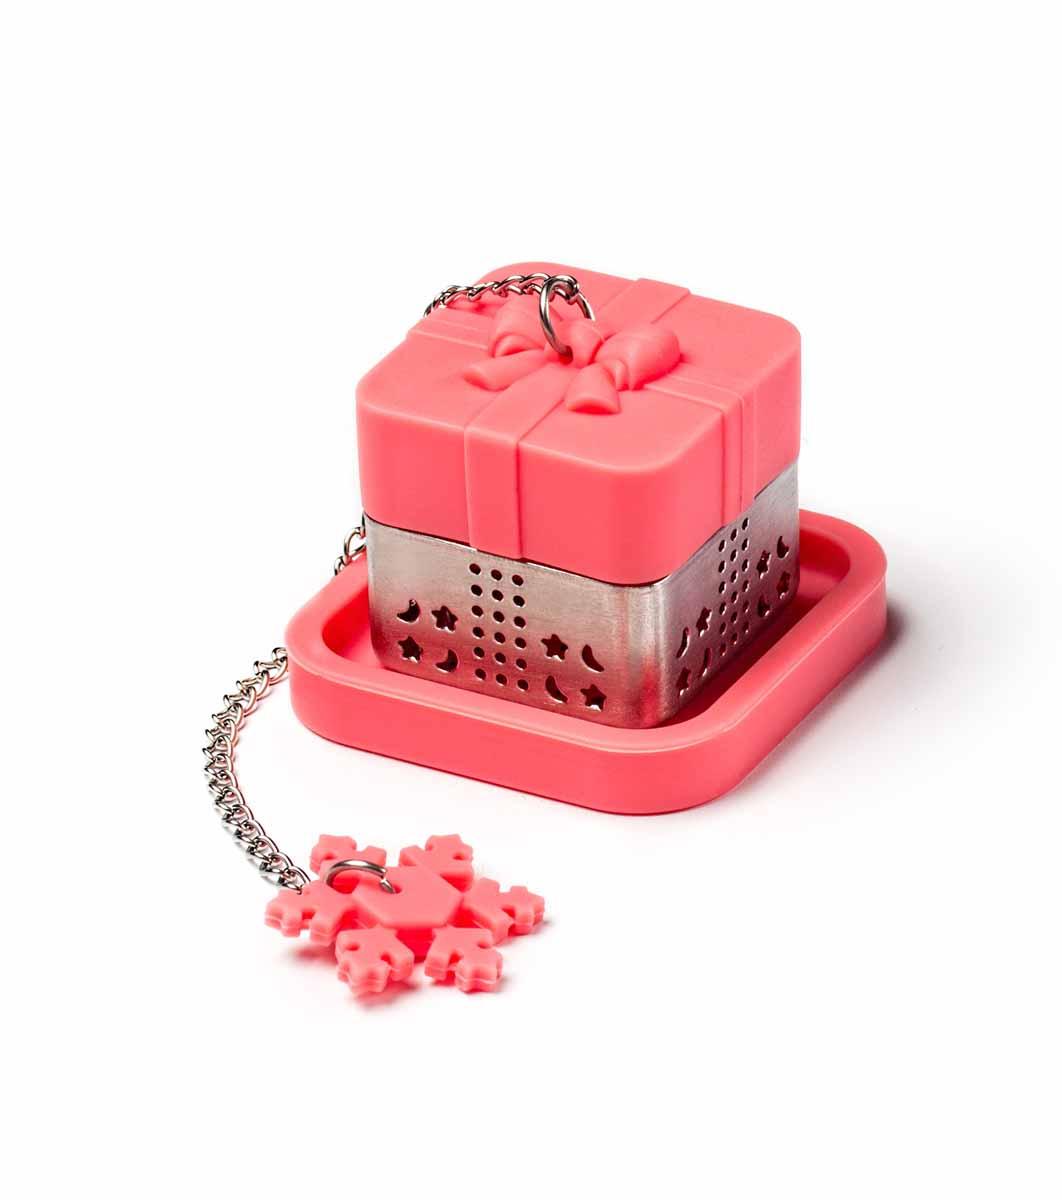 Ситечко для чая Apollo Snowflake, с подставкой, цвет: розовыйSWF-01Ситечко с подставкой Apollo Snowflakeпрекрасно подходитдля заваривания любого вида чая. Изделиевыполнено из пищевого силикона инержавеющей стали18/8 в виде подарка.Изделием очень легко пользоваться. Простонасыпьте заварку внутрь и погрузите на днокружки. Ситечко снабжено металлическойцепочкой с крючком на конце в виде снежинки. Забавная и приятная вещица для вашегодомашнего чаепития.Не рекомендуетсямыть в посудомоечной машине.Размер фигурки: 3,7 х 3,7 х 3,5 см.Размер подставки: 5 х 5 х 0,8 см. Длина цепочки: 11 см.